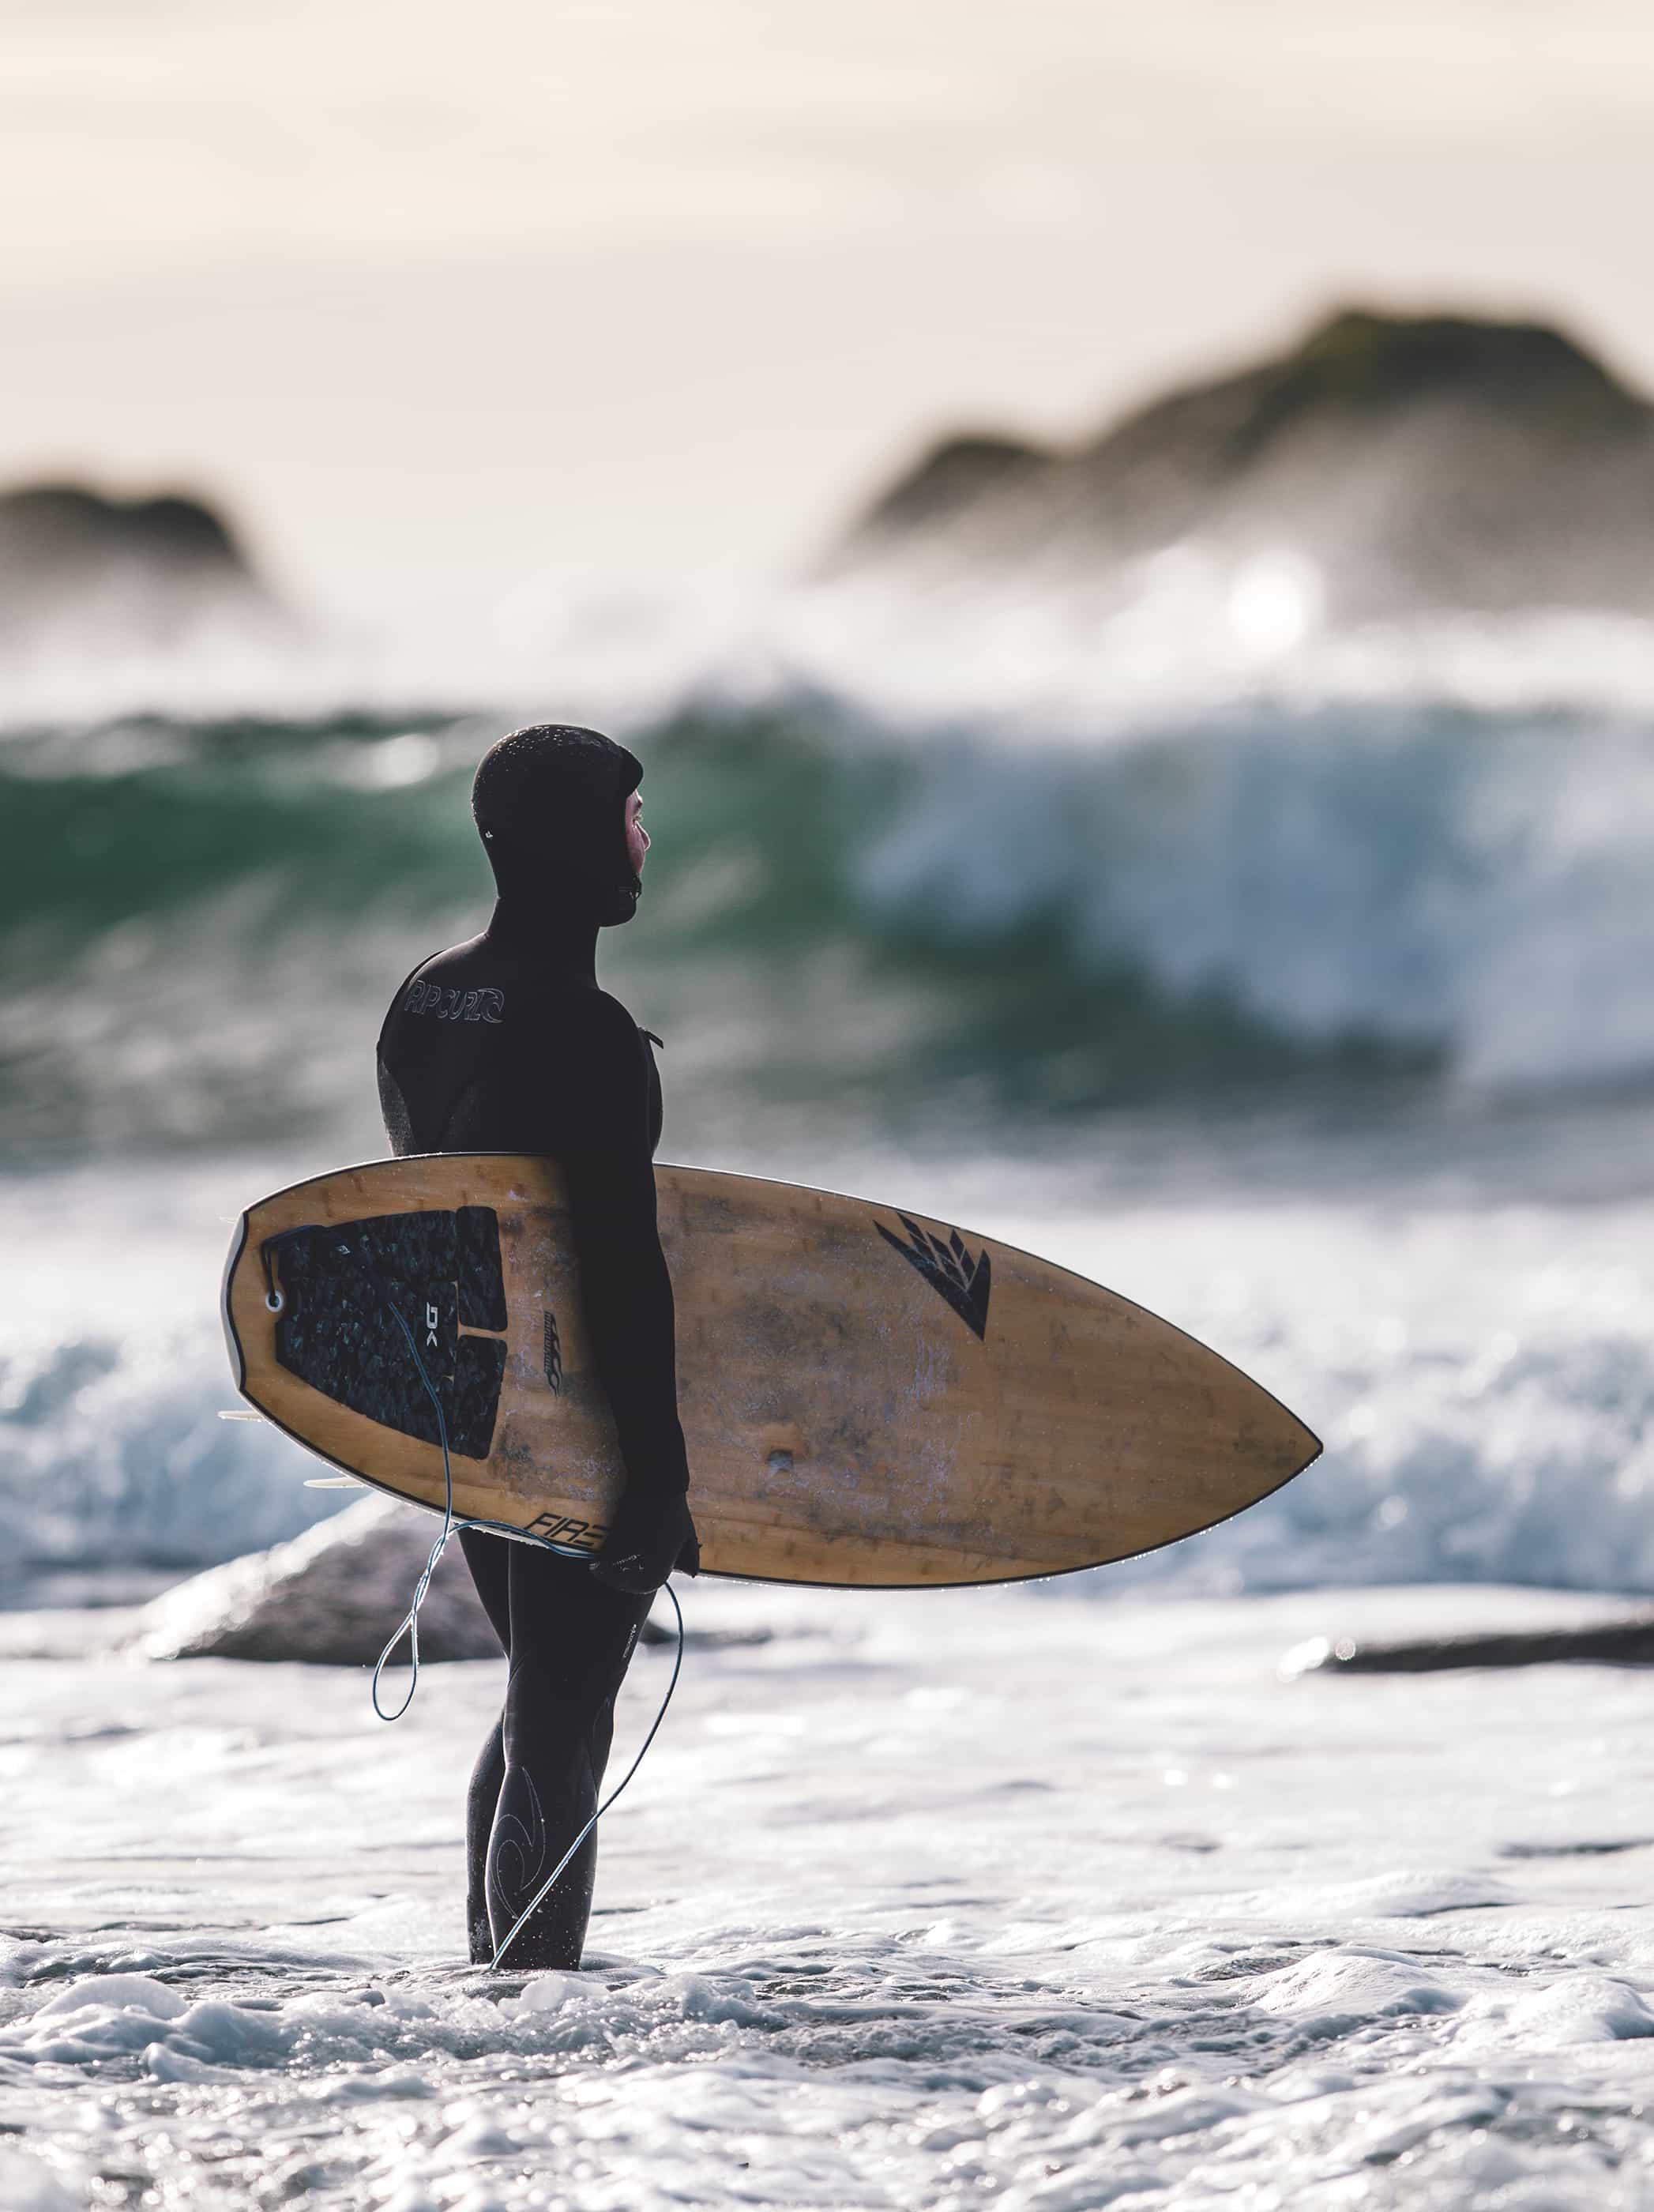 John-Andre Moldestad - 23.02.2017 - Saltstein surfespot - Helt nydelige forhold for en fotograf